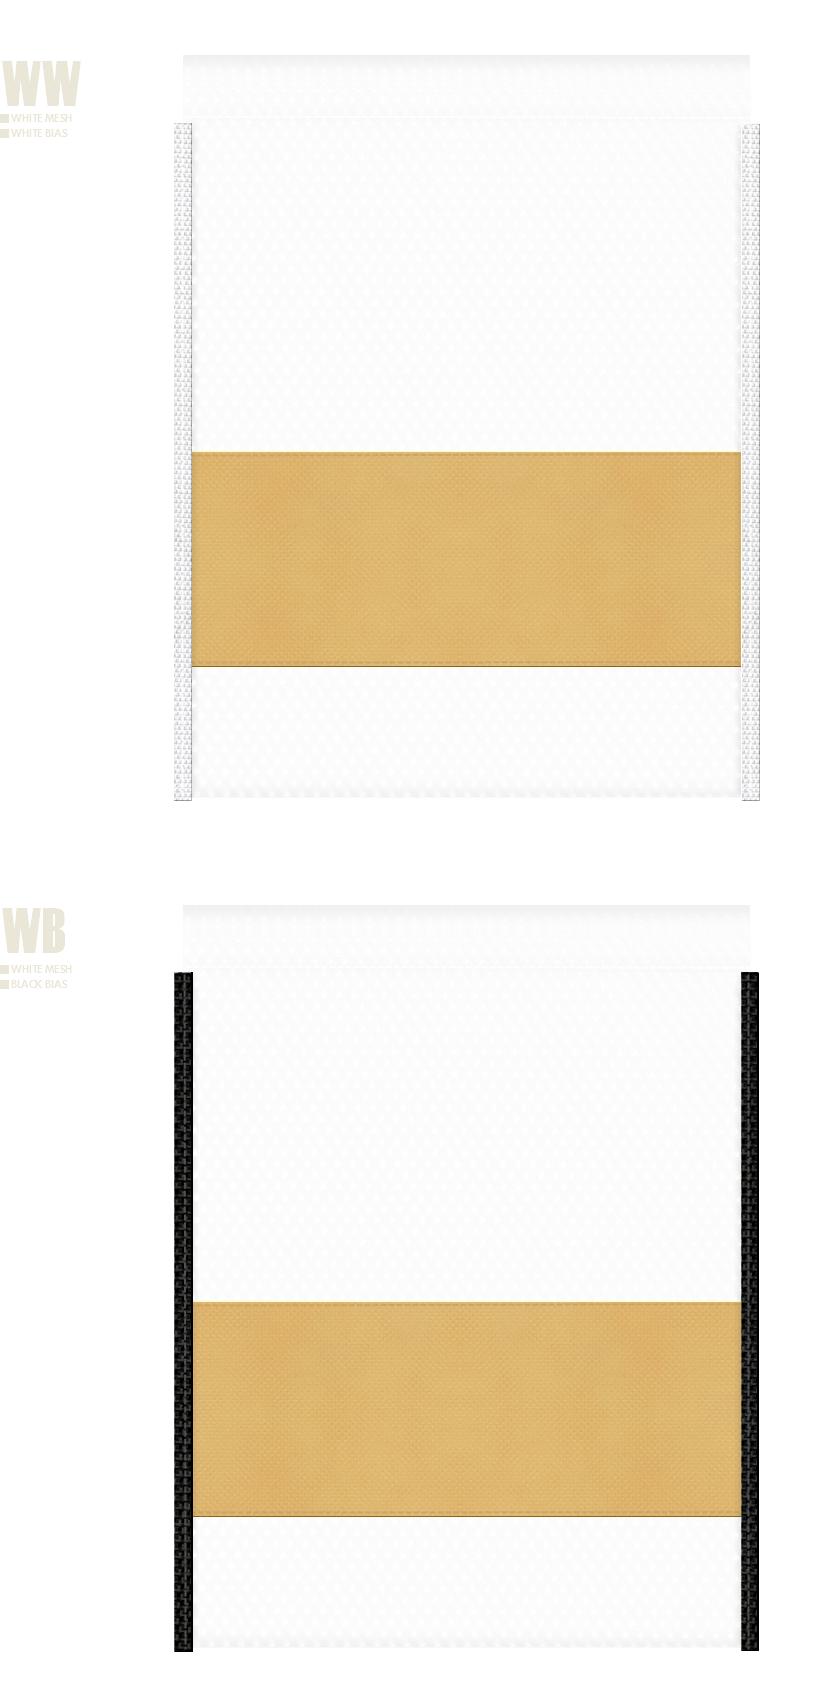 白色メッシュと薄黄土色不織布のメッシュバッグカラーシミュレーション:キャンプ用品・アウトドア用品・スポーツ用品・シューズバッグにお奨め